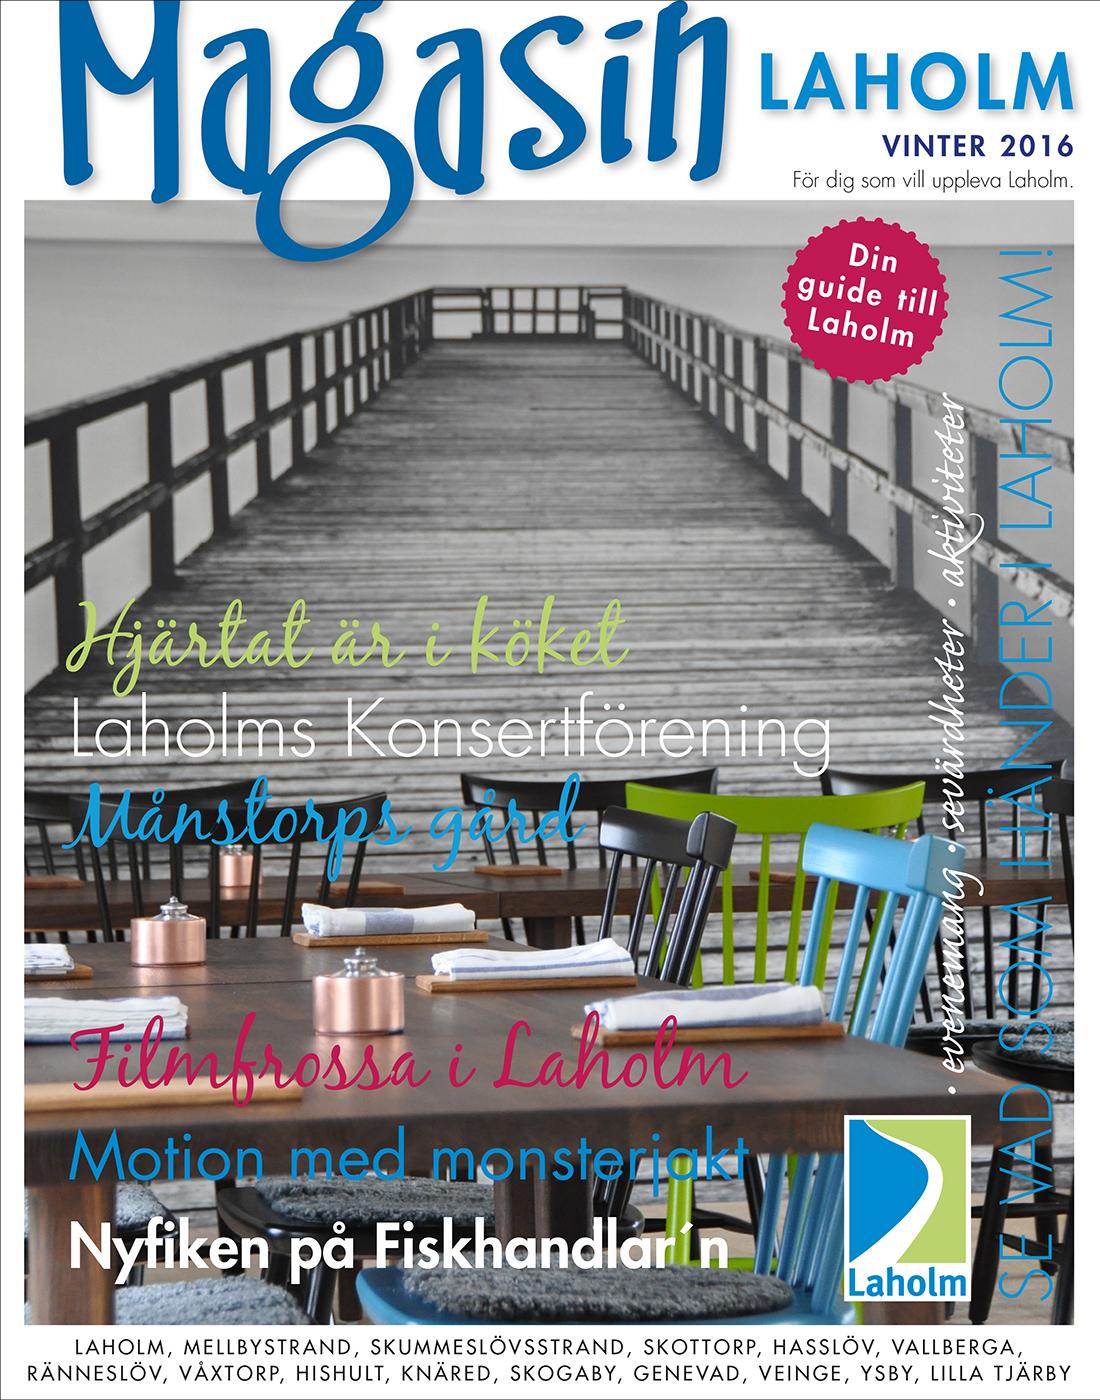 framsida-magasin-laholm-vinter-2016-ram